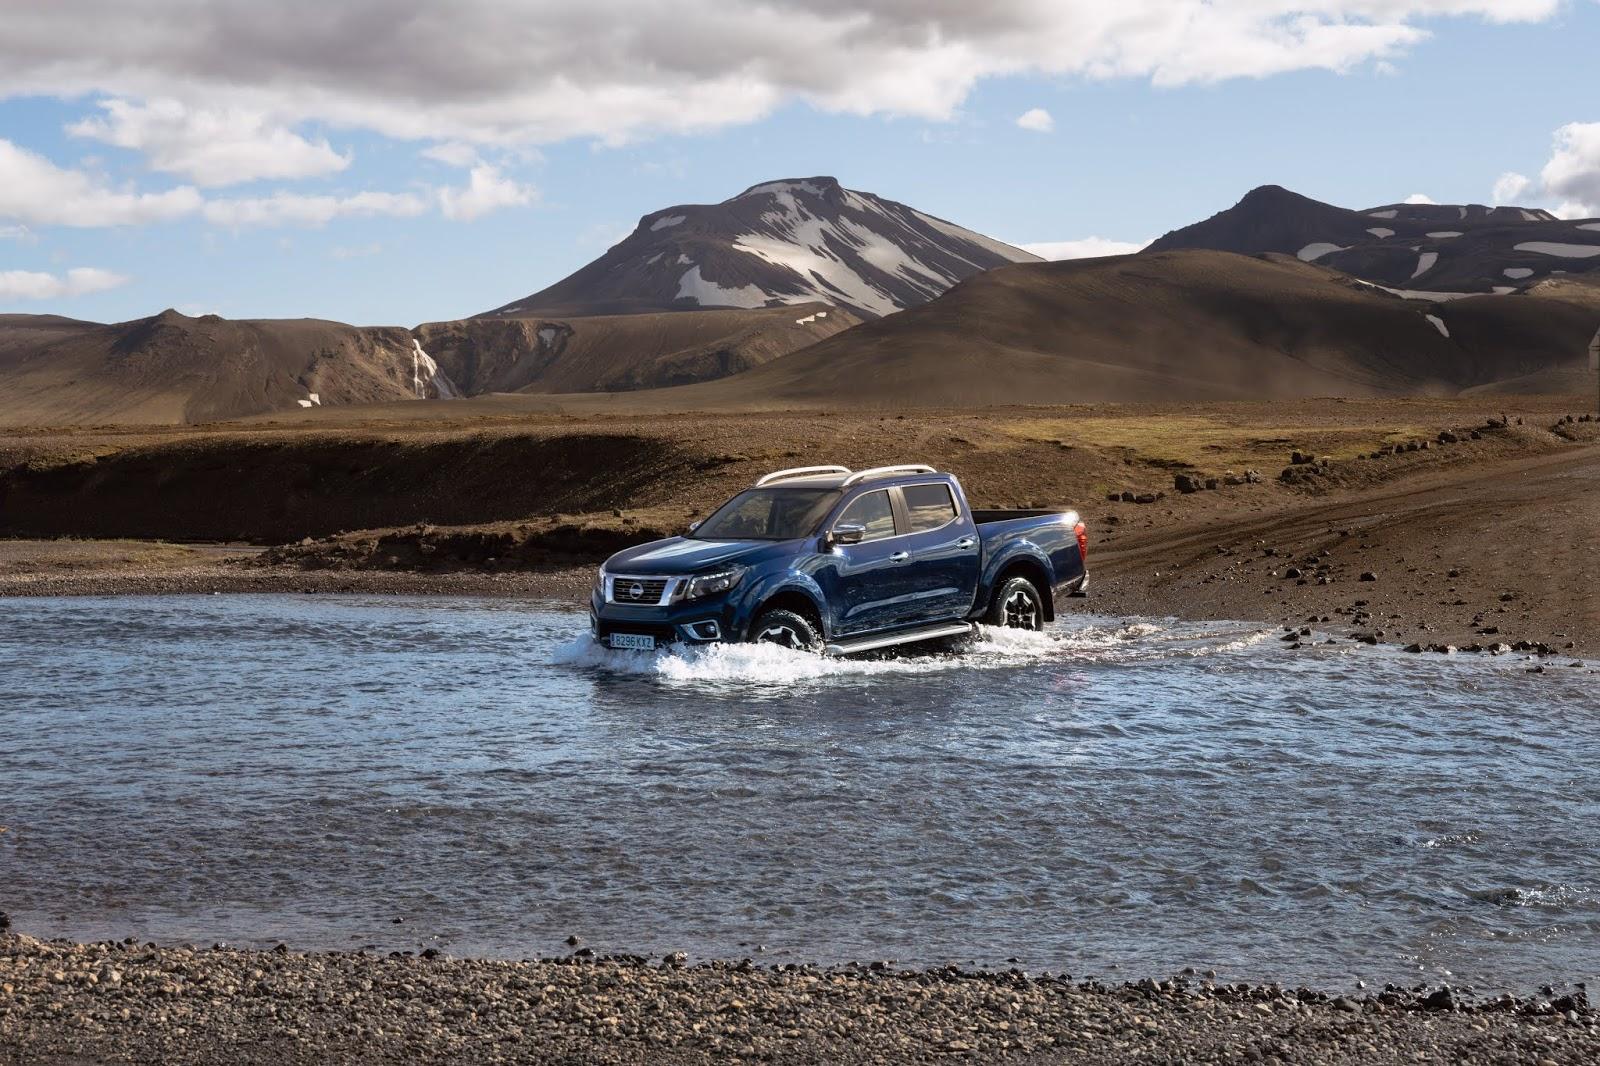 Nissan2BNavara2BDouble2BCab Blue Iceland Dynamic2BOffroad2B11